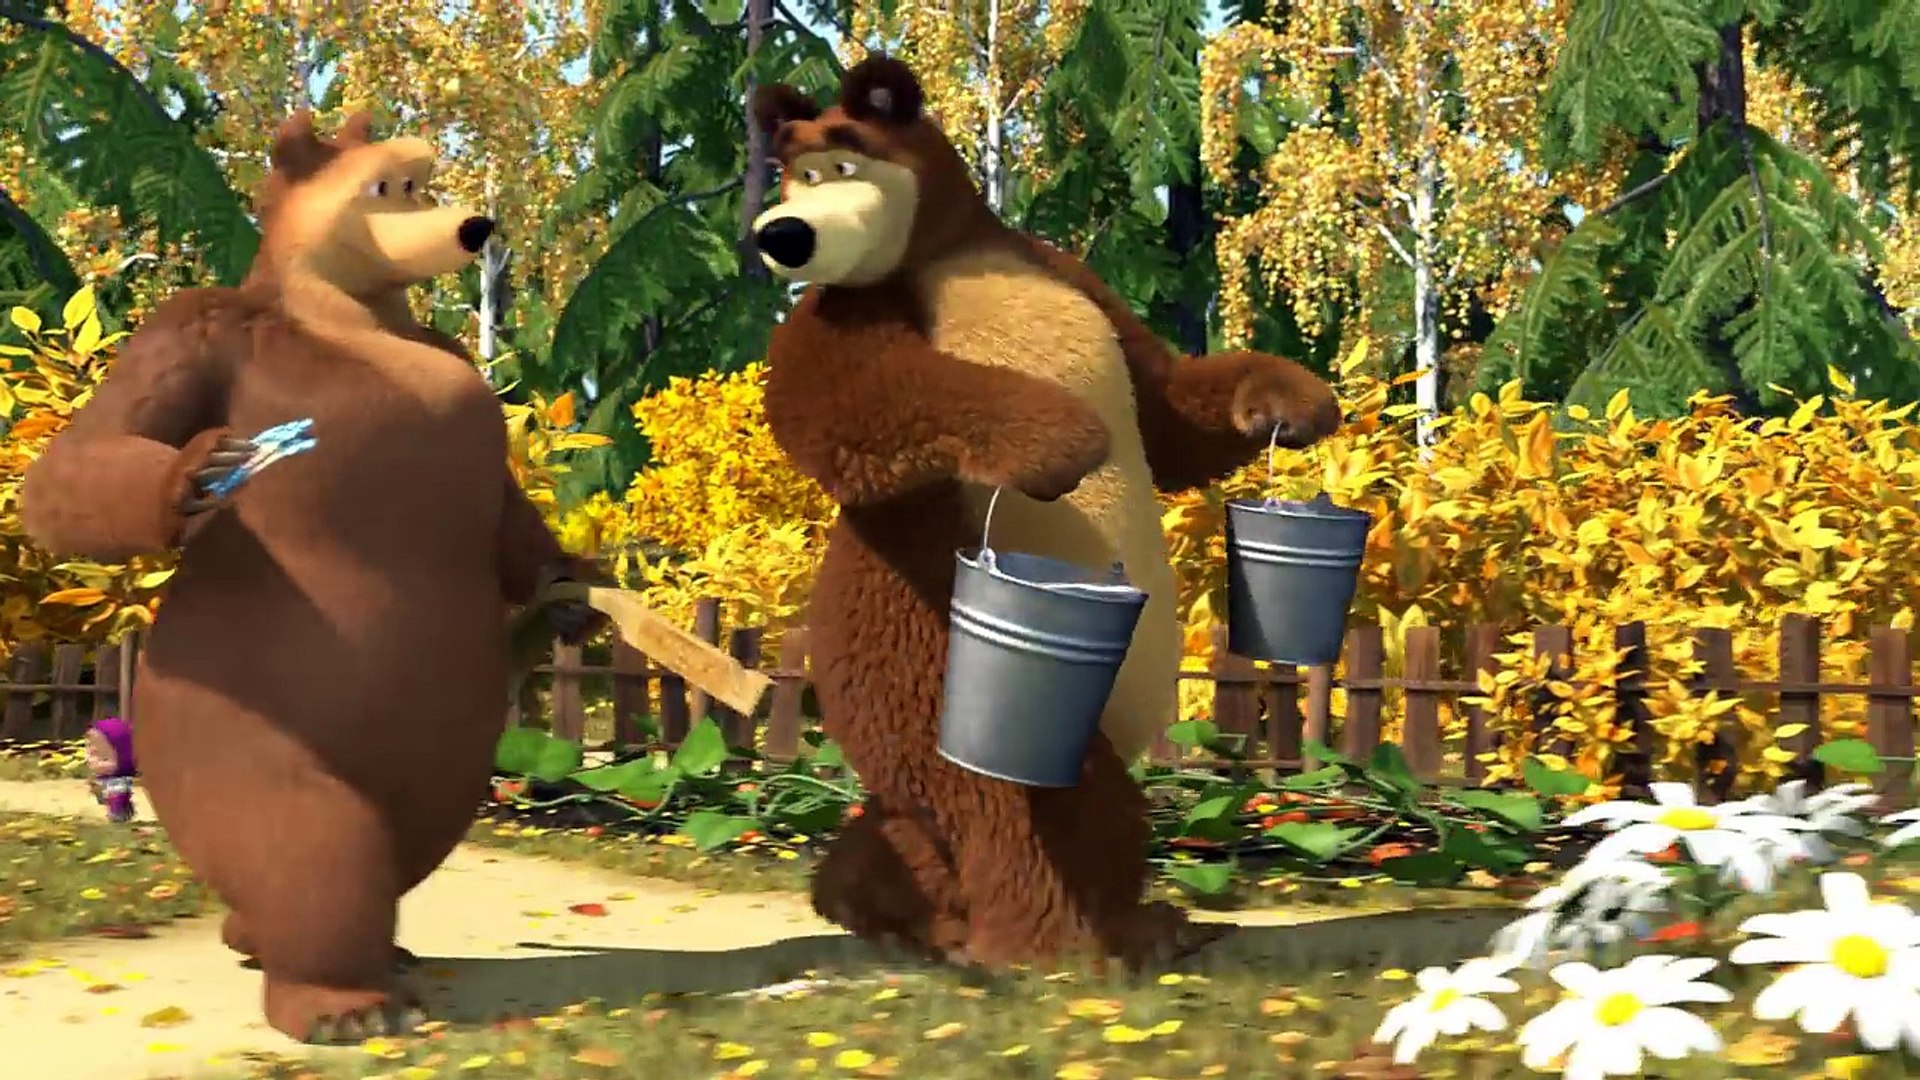 Cô Bé Siêu Quậy Và Chú Gấu Xiếc Tập 50 -  Phim Hoạt Hình 3D - Phim Hoạt Hình 3D Vui Nhộn Hài Hước -